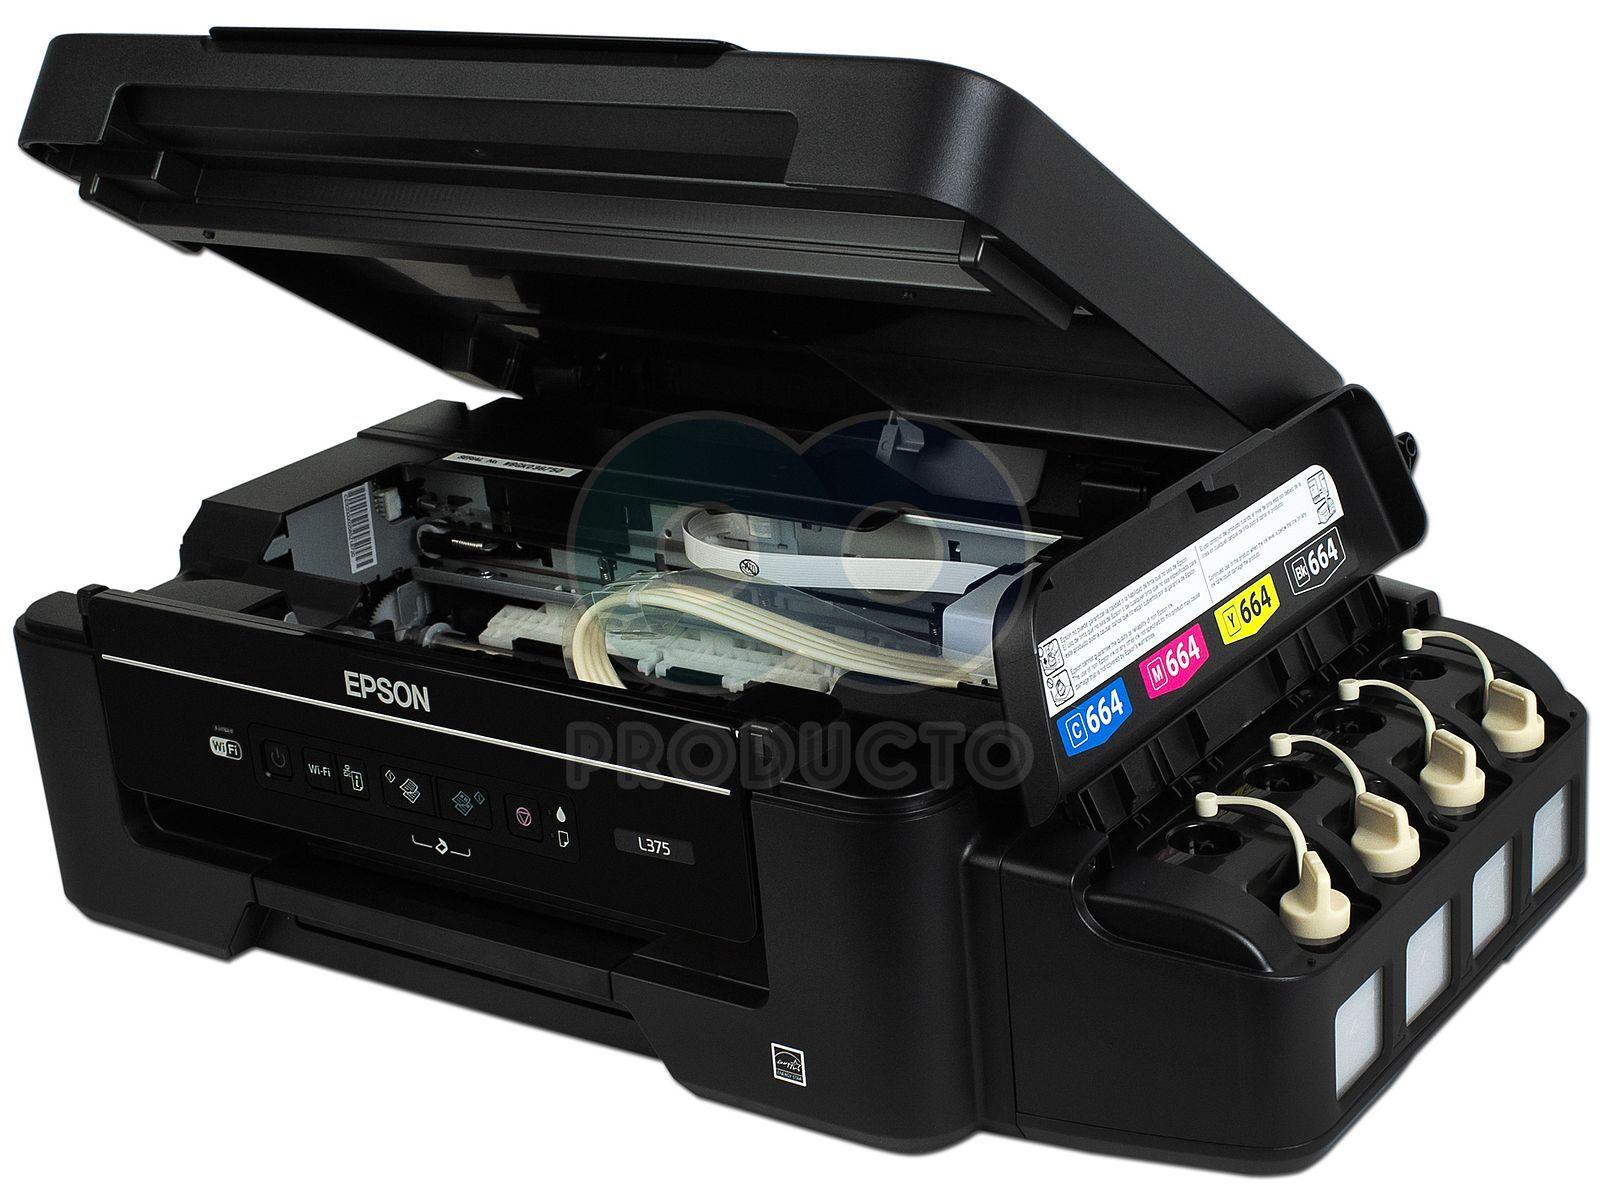 Multifuncional Epson Ecotank L375 Impresora Copiadora Y